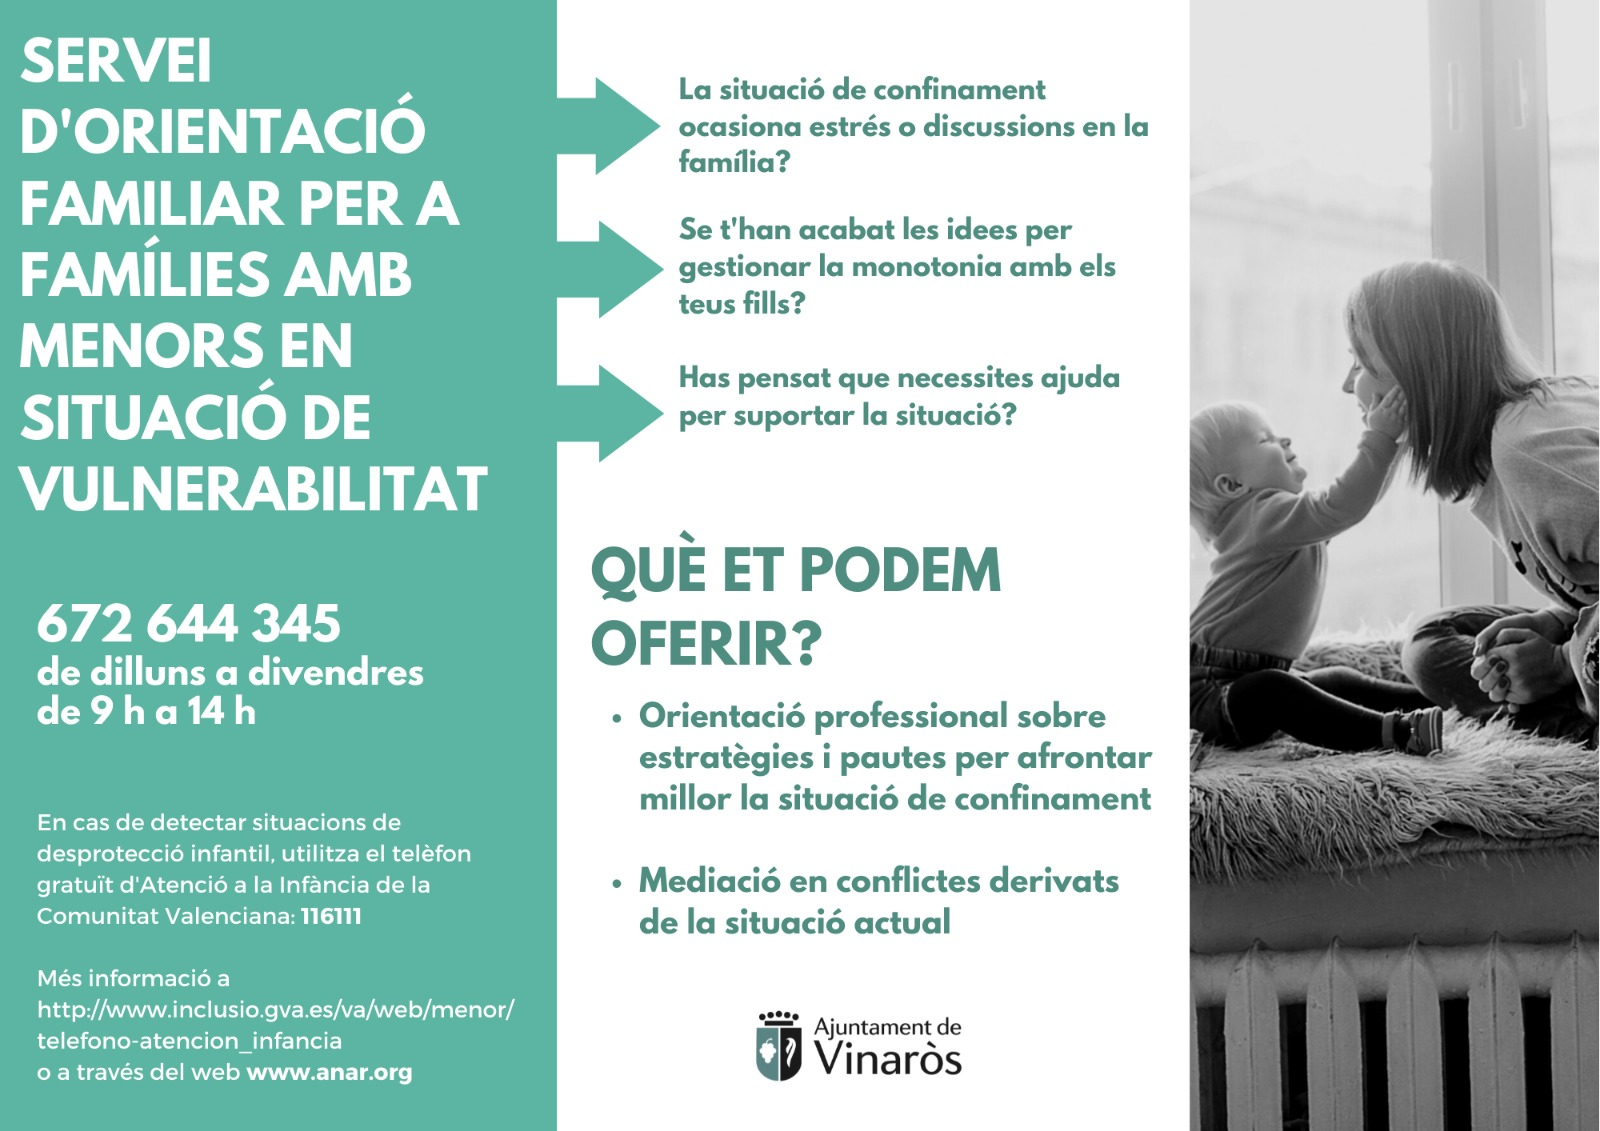 L'Ajuntament de Vinaròs activa el Servei d'Orientació Familiar